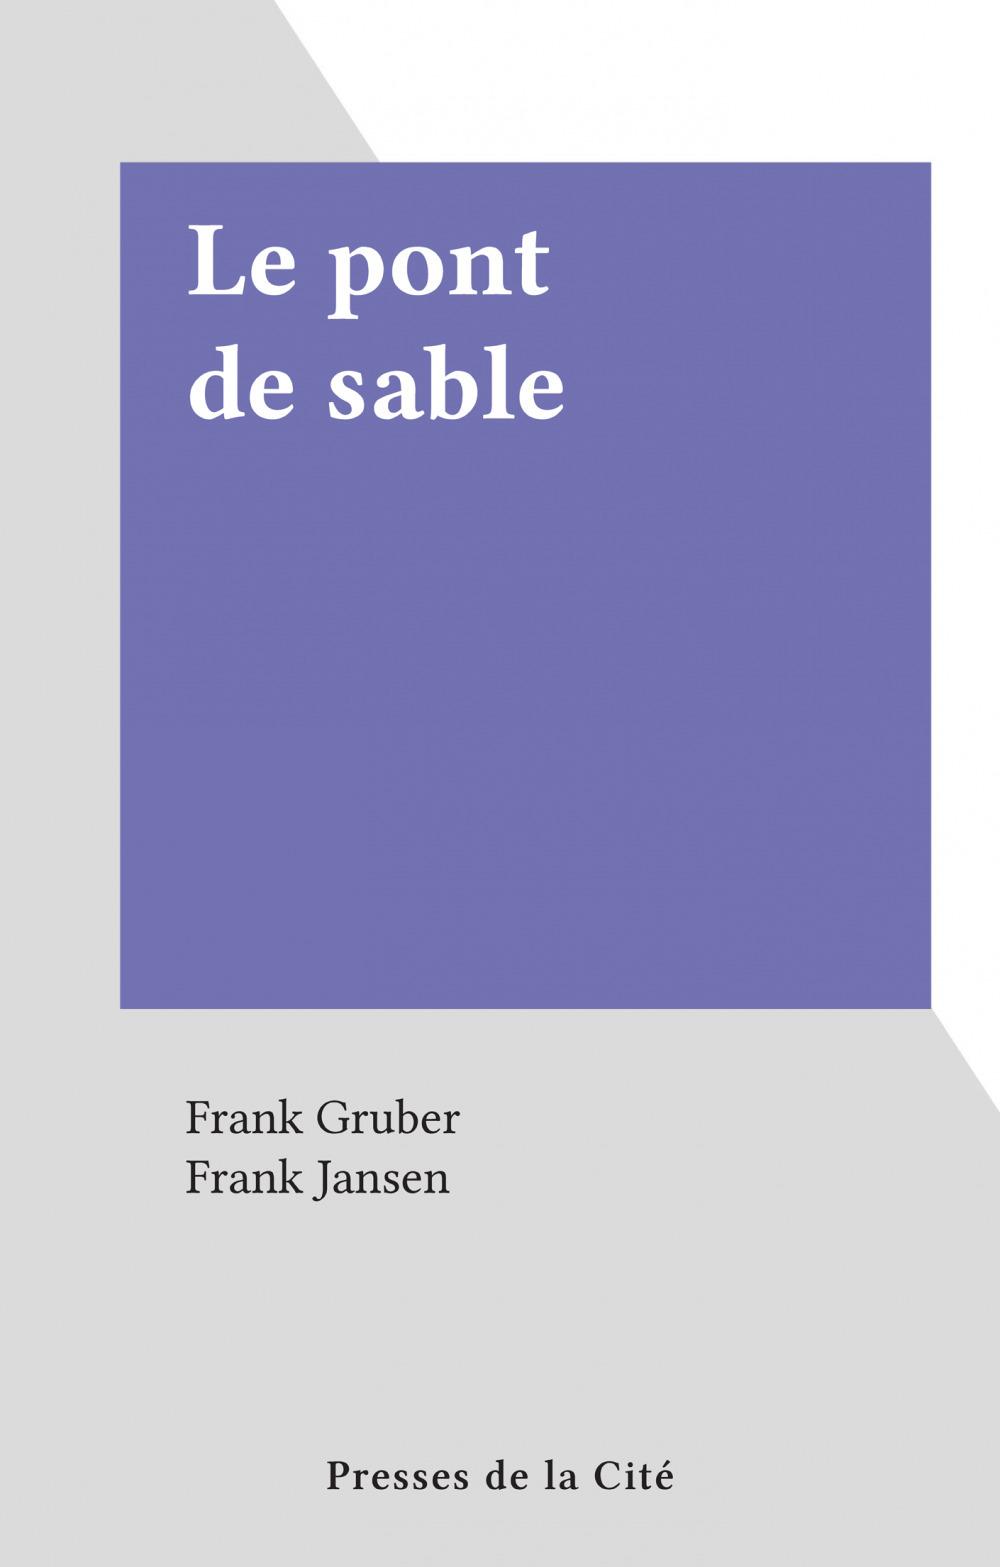 Le pont de sable  - Frank Gruber